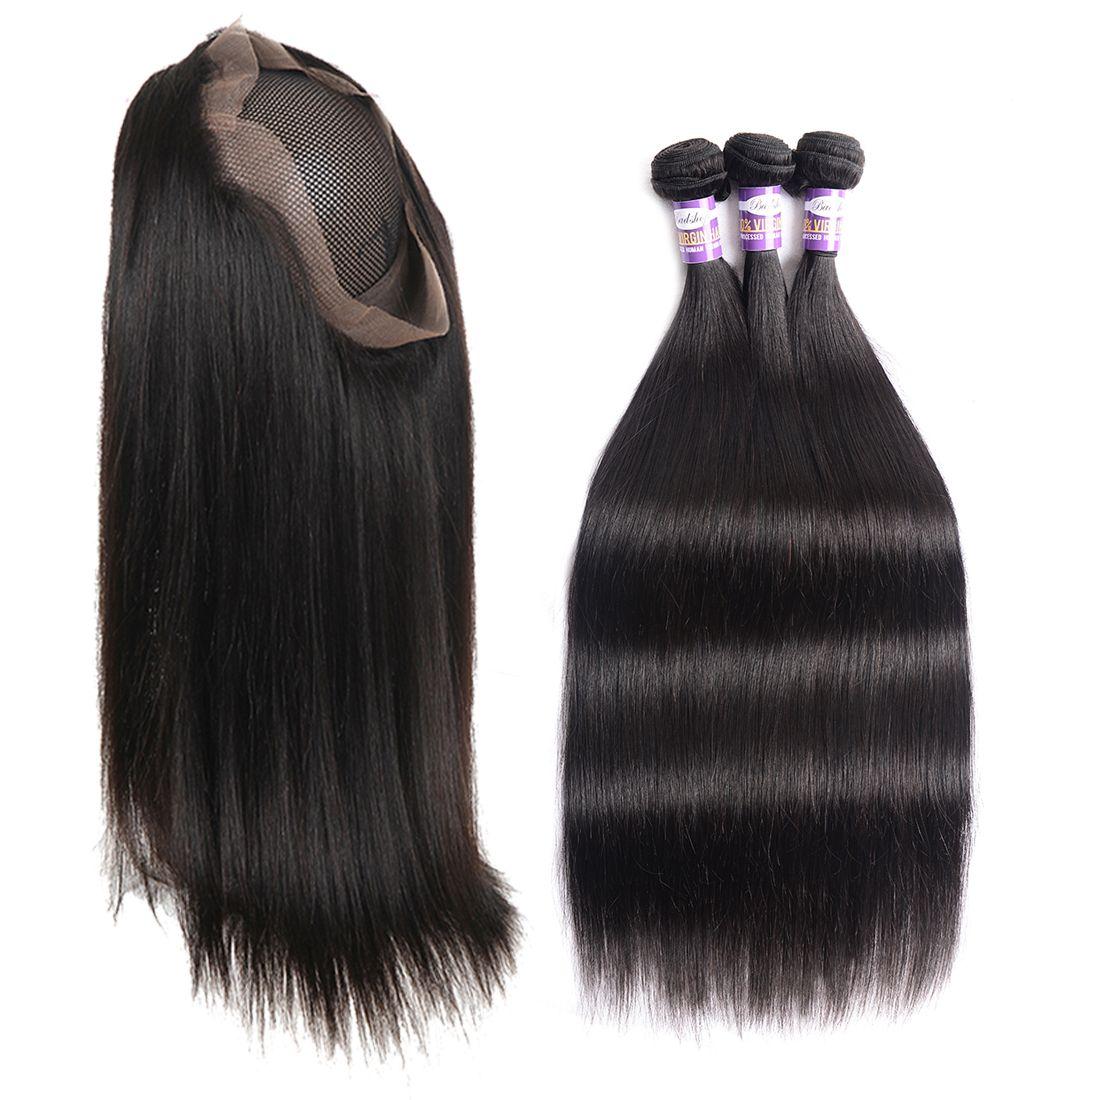 9A 360 кружевное фронтальное закрытие с пучками предварительно выщипанными с детскими волосами бразильские человеческие волосы переплетаются прямые волосы 3 пучка с 360 кружевным фронтом